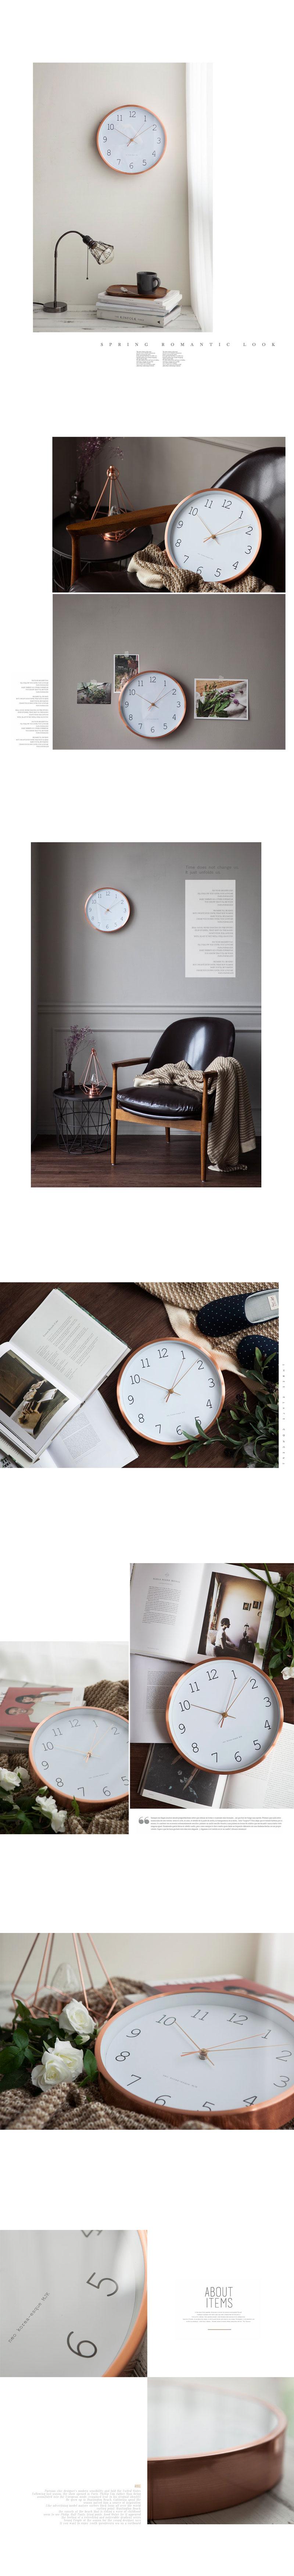 로즈골드 벽시계 - 안나하우스, 36,000원, 벽시계, 디자인벽시계